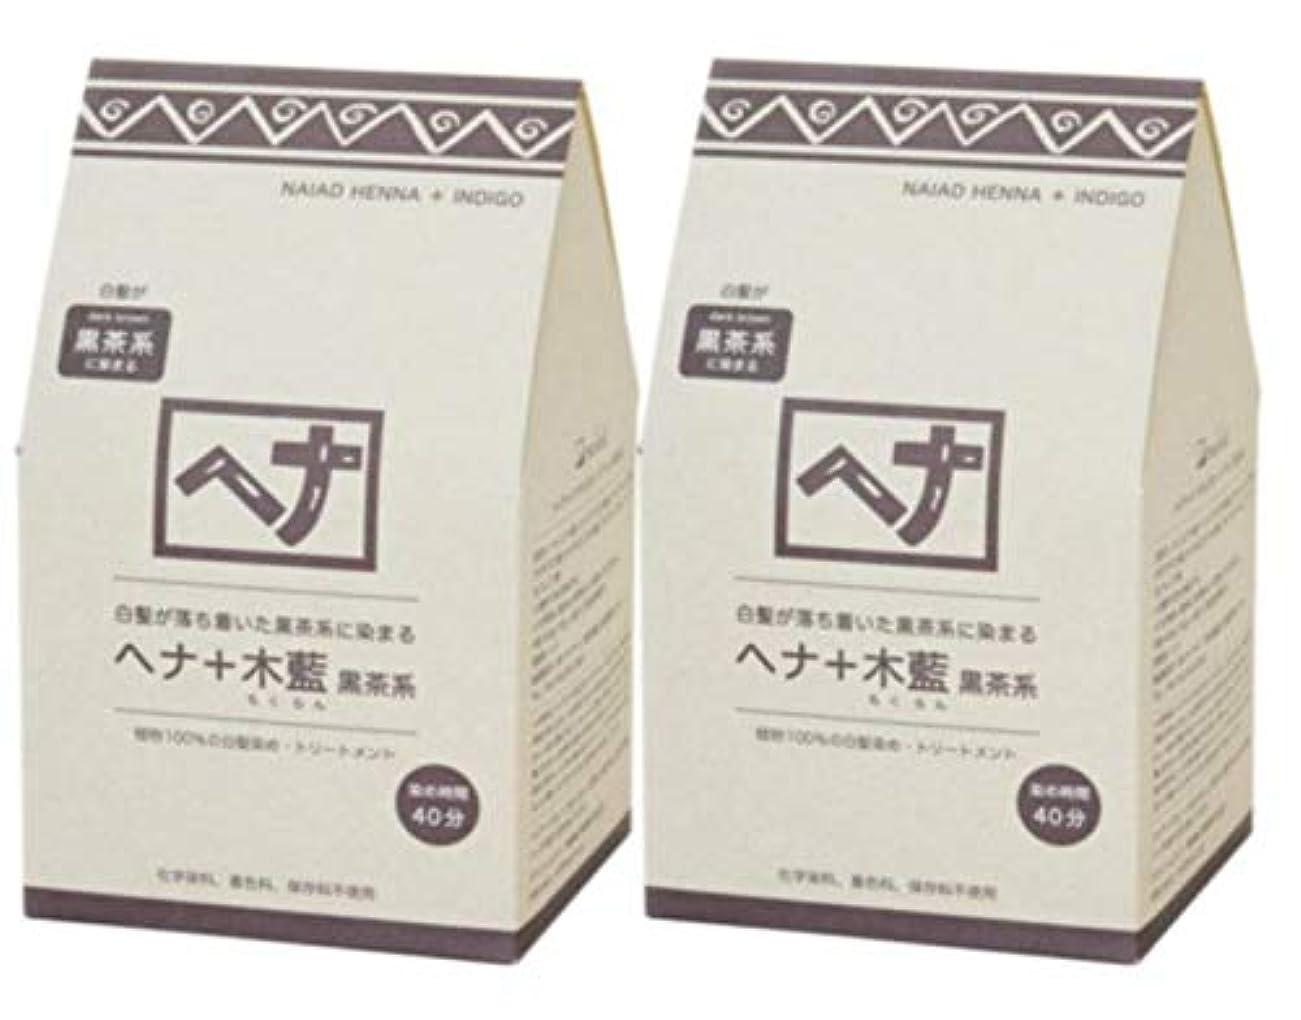 Naiad(ナイアード) ヘナ+木藍 黒茶系 400g 2個セット